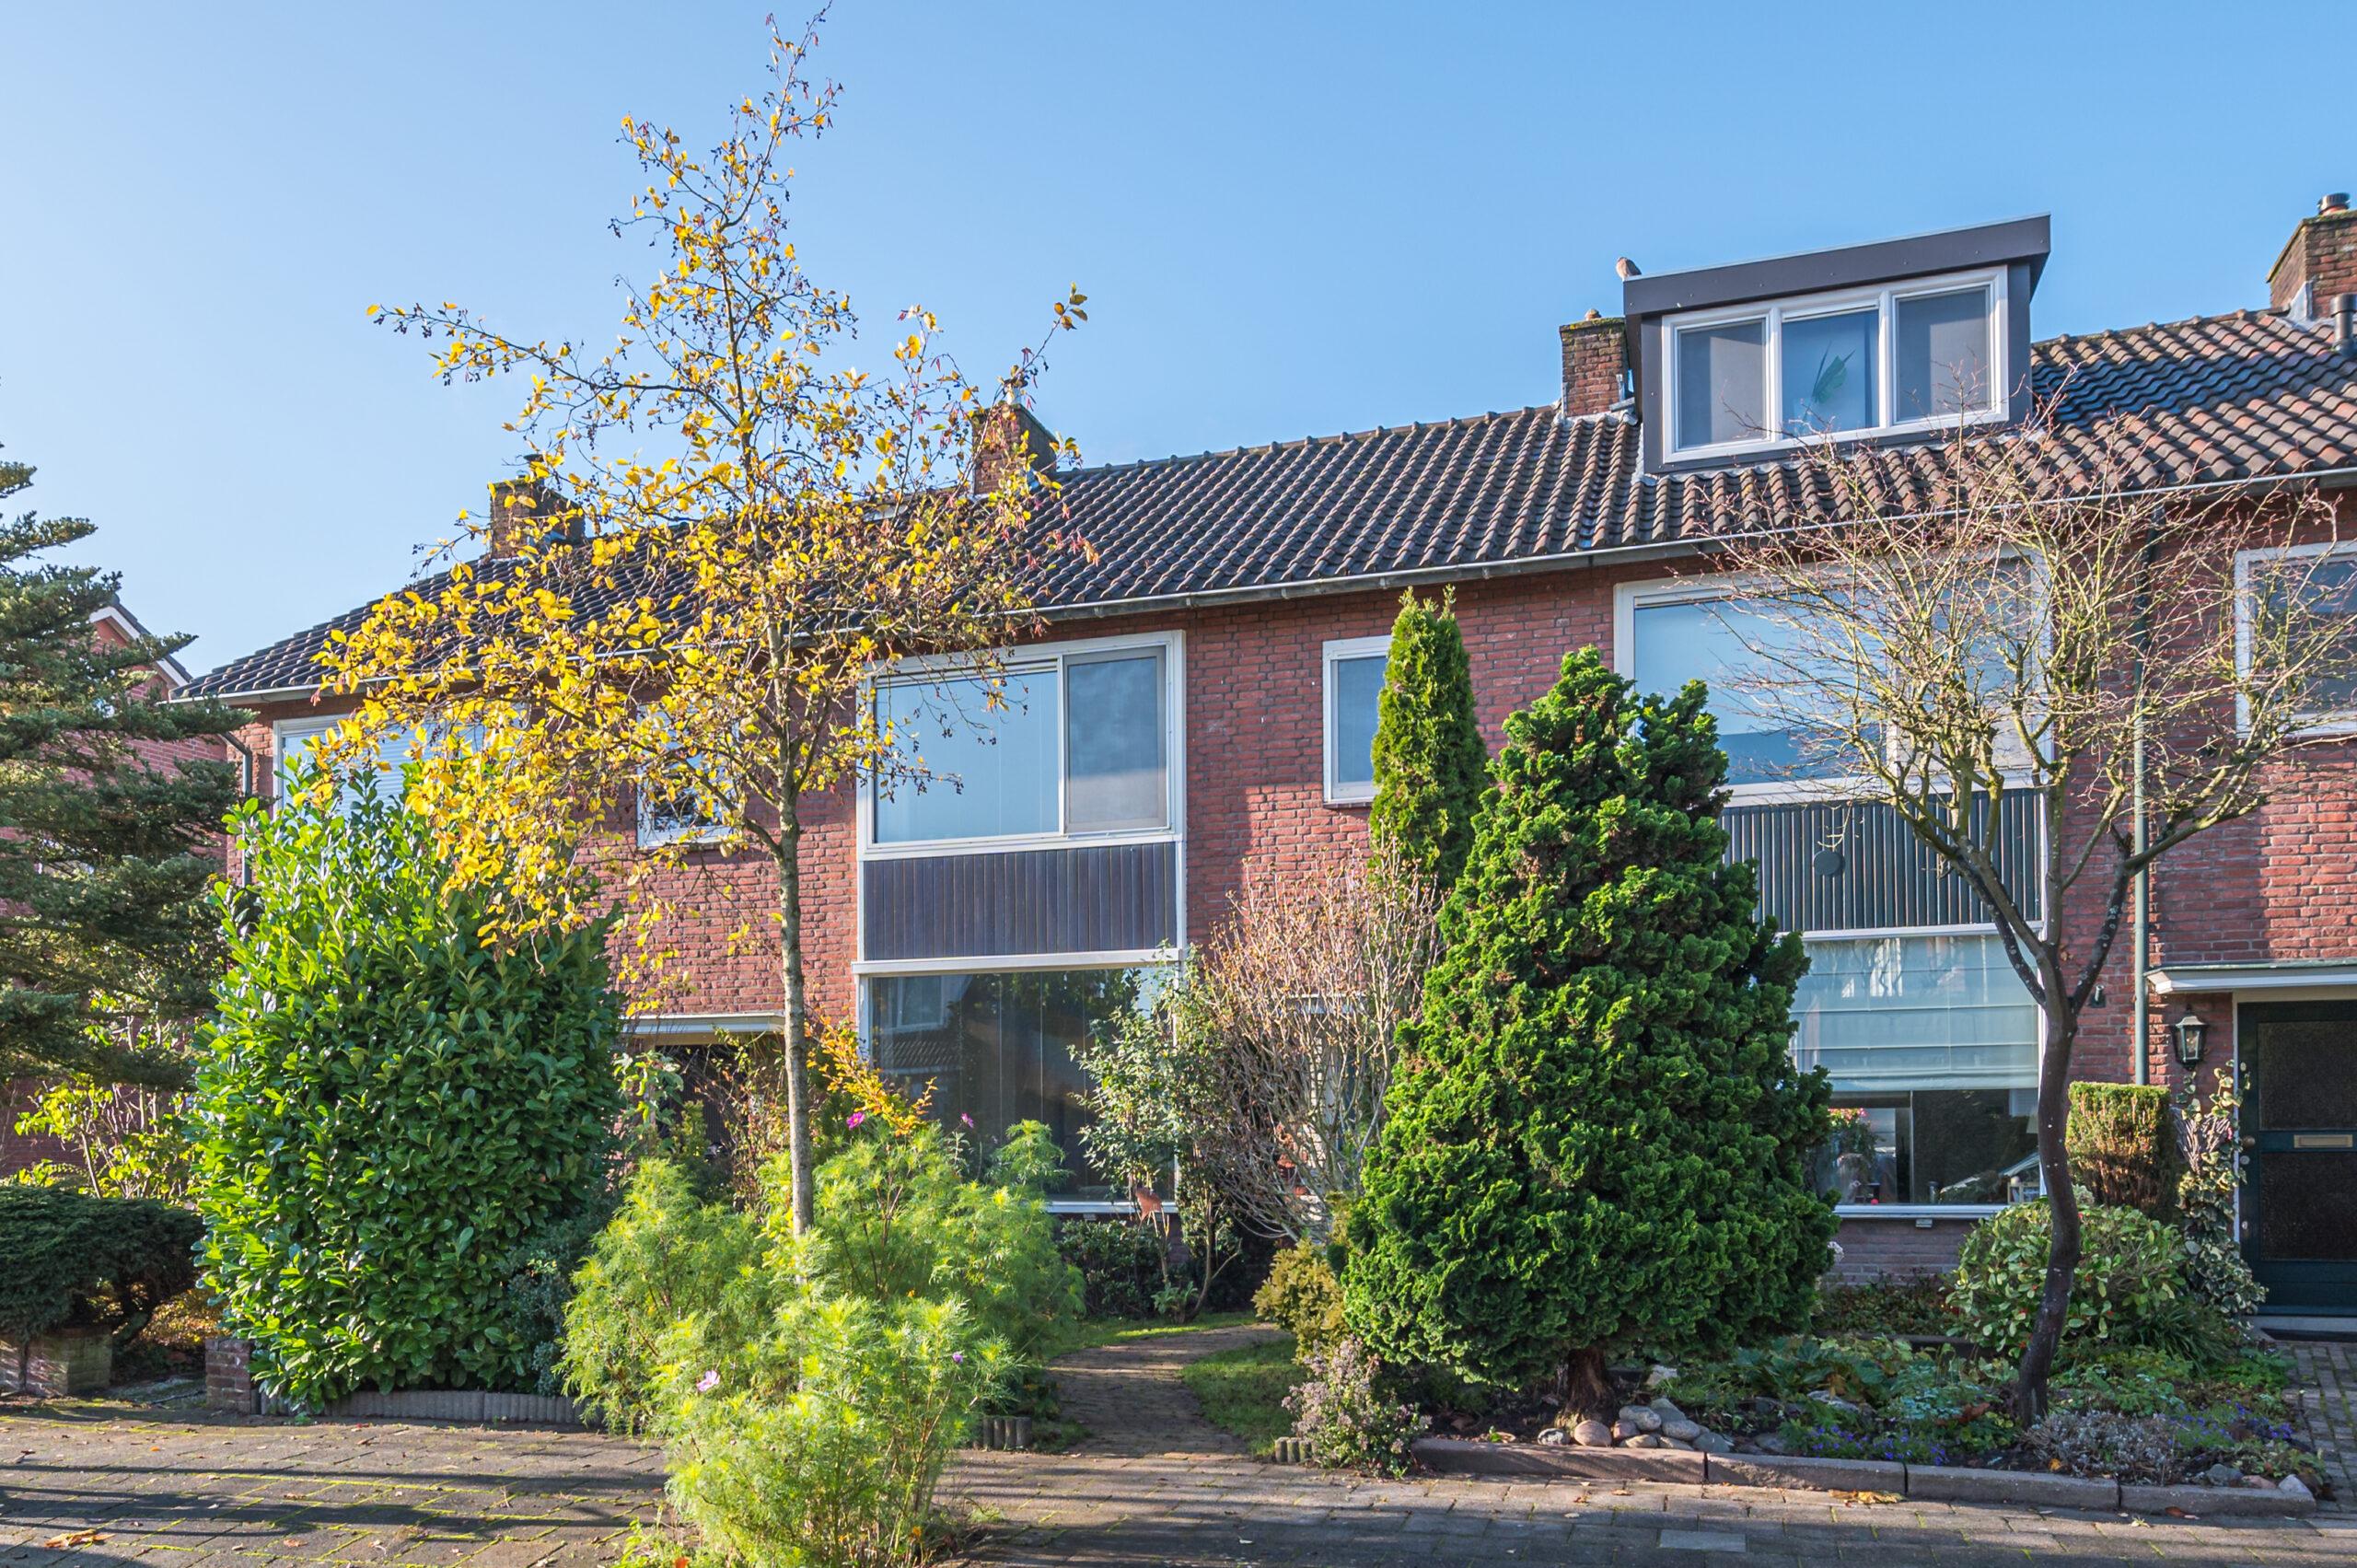 IJssel de Schepperstraat 23, 3981 EZ Bunnik